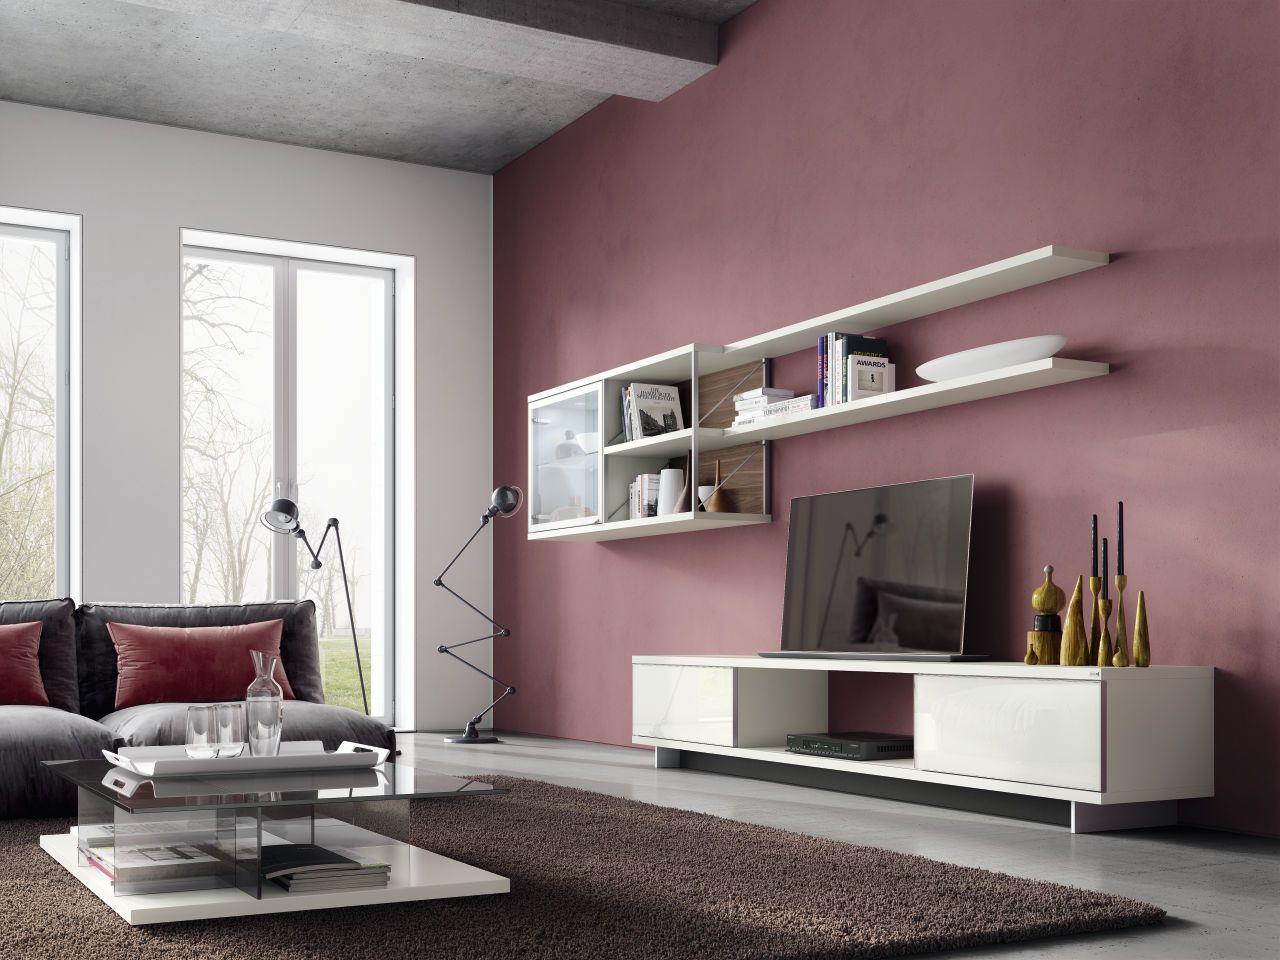 Wohnideen Wohnzimmer Altrosa pin uliving auf 现代风格客厅modern livingroom